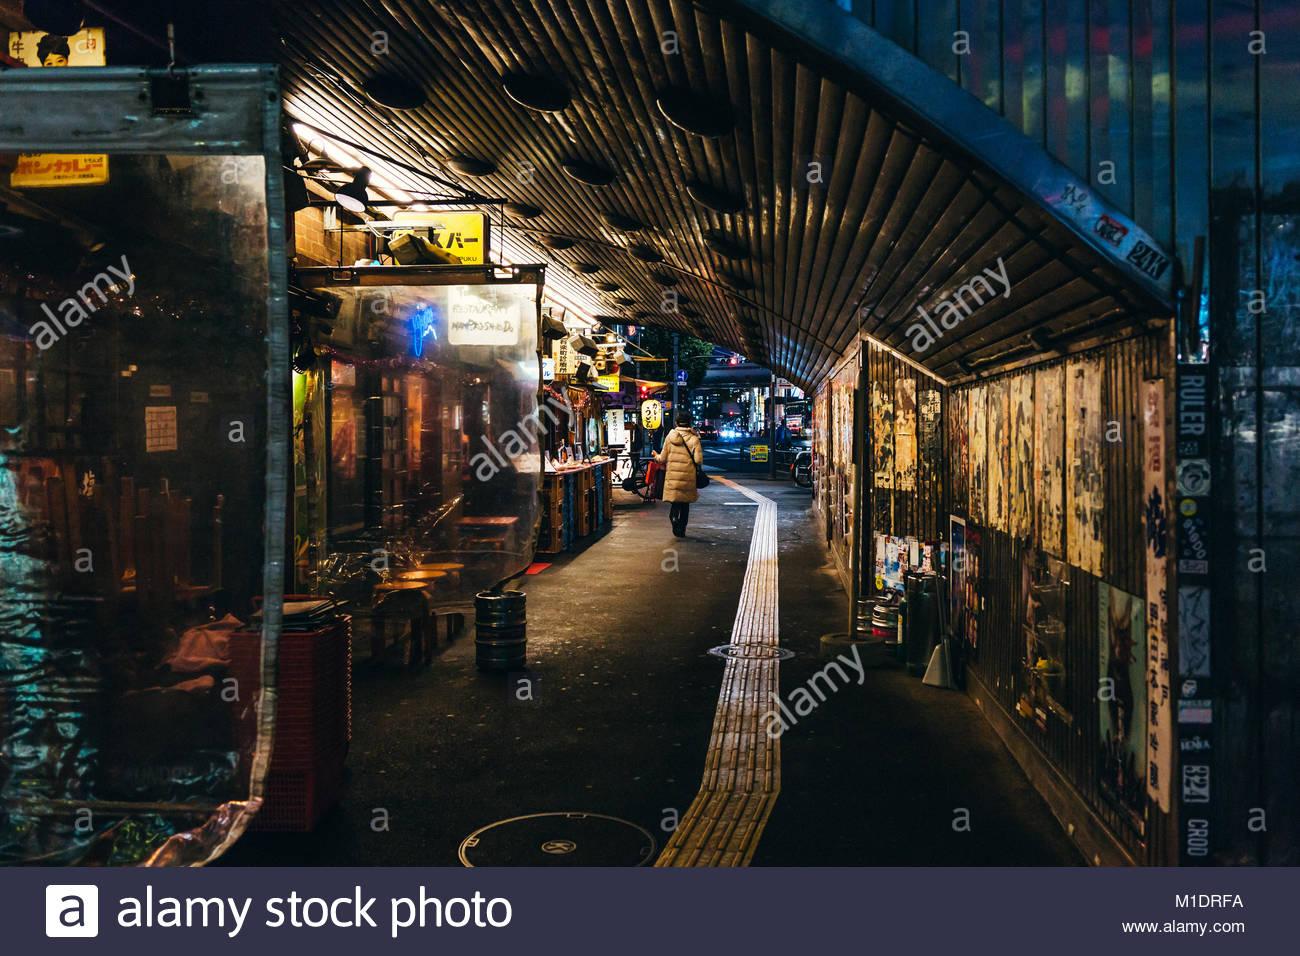 Fußgänger-Unterführung auf Tokio Stockbild